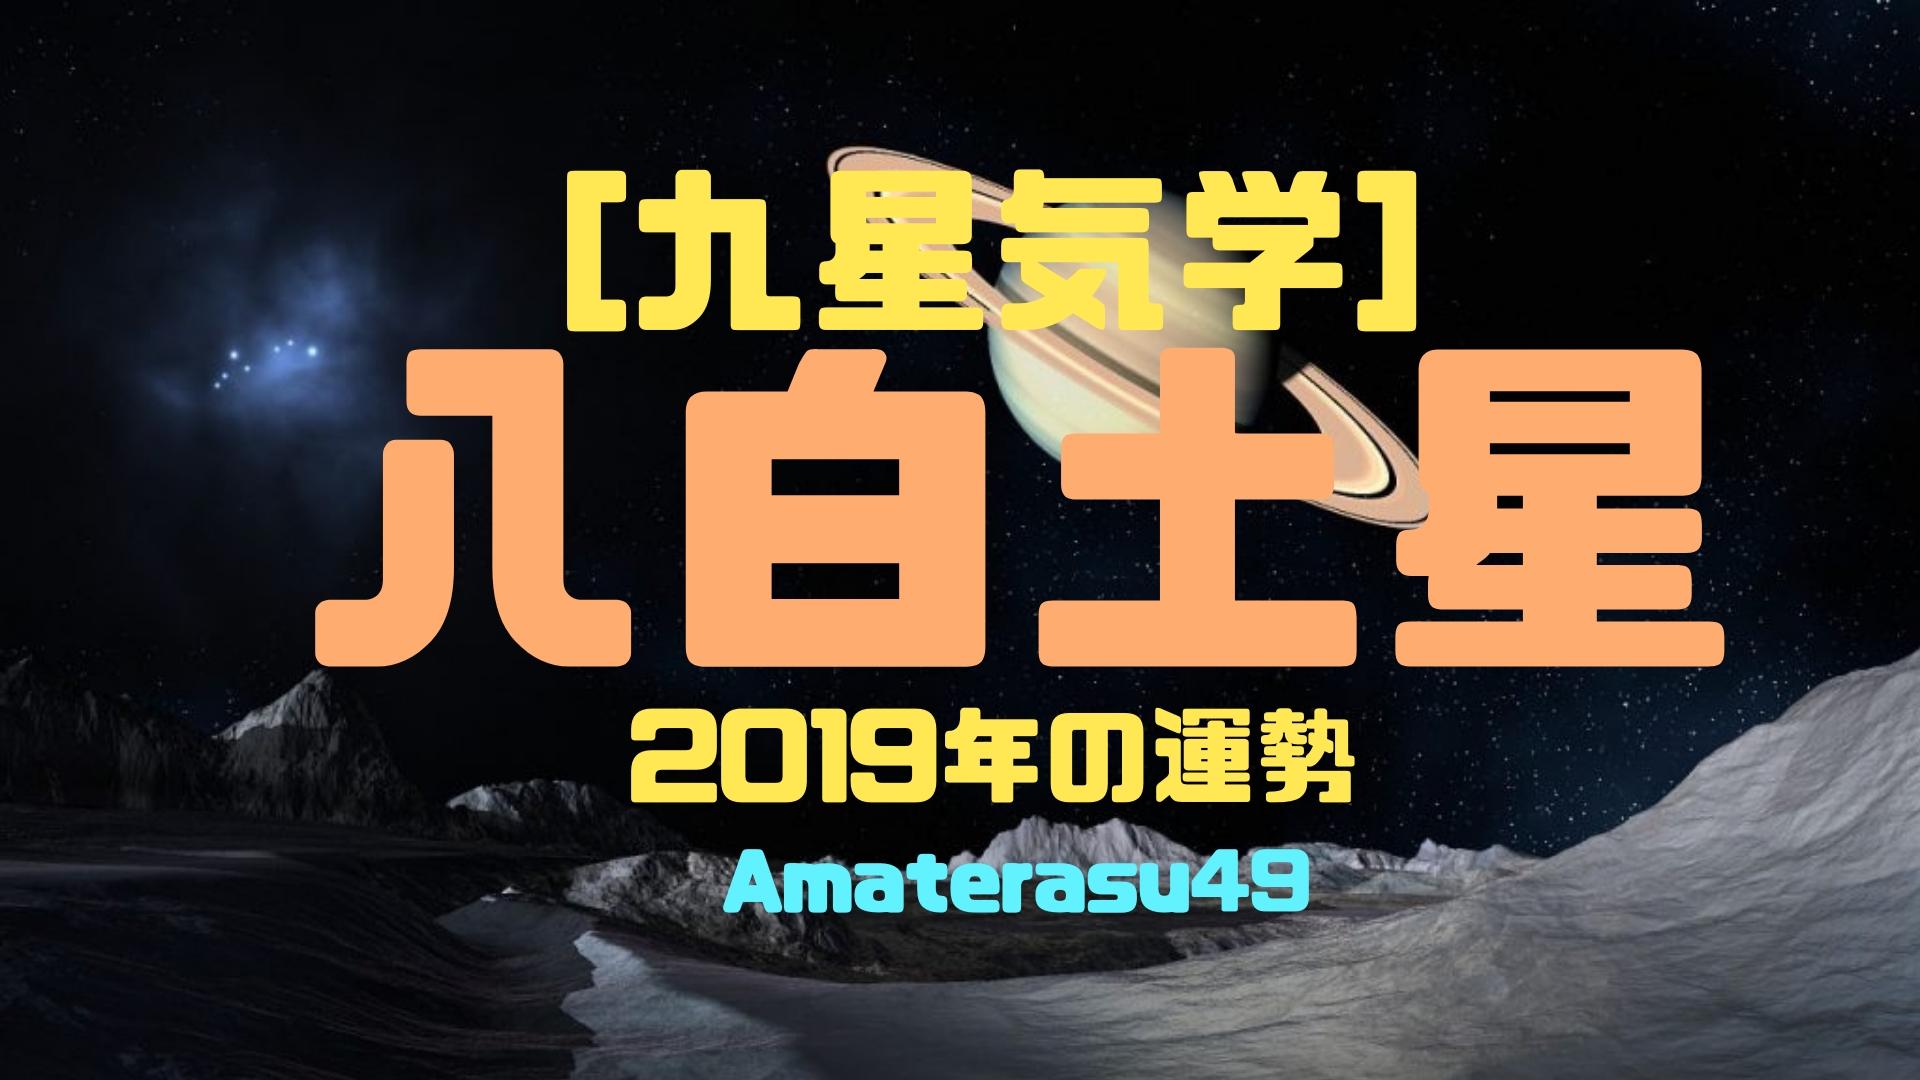 【2019年】八白土星の運勢とは?八白土星の7つの性格と吉方位・相性を解説!